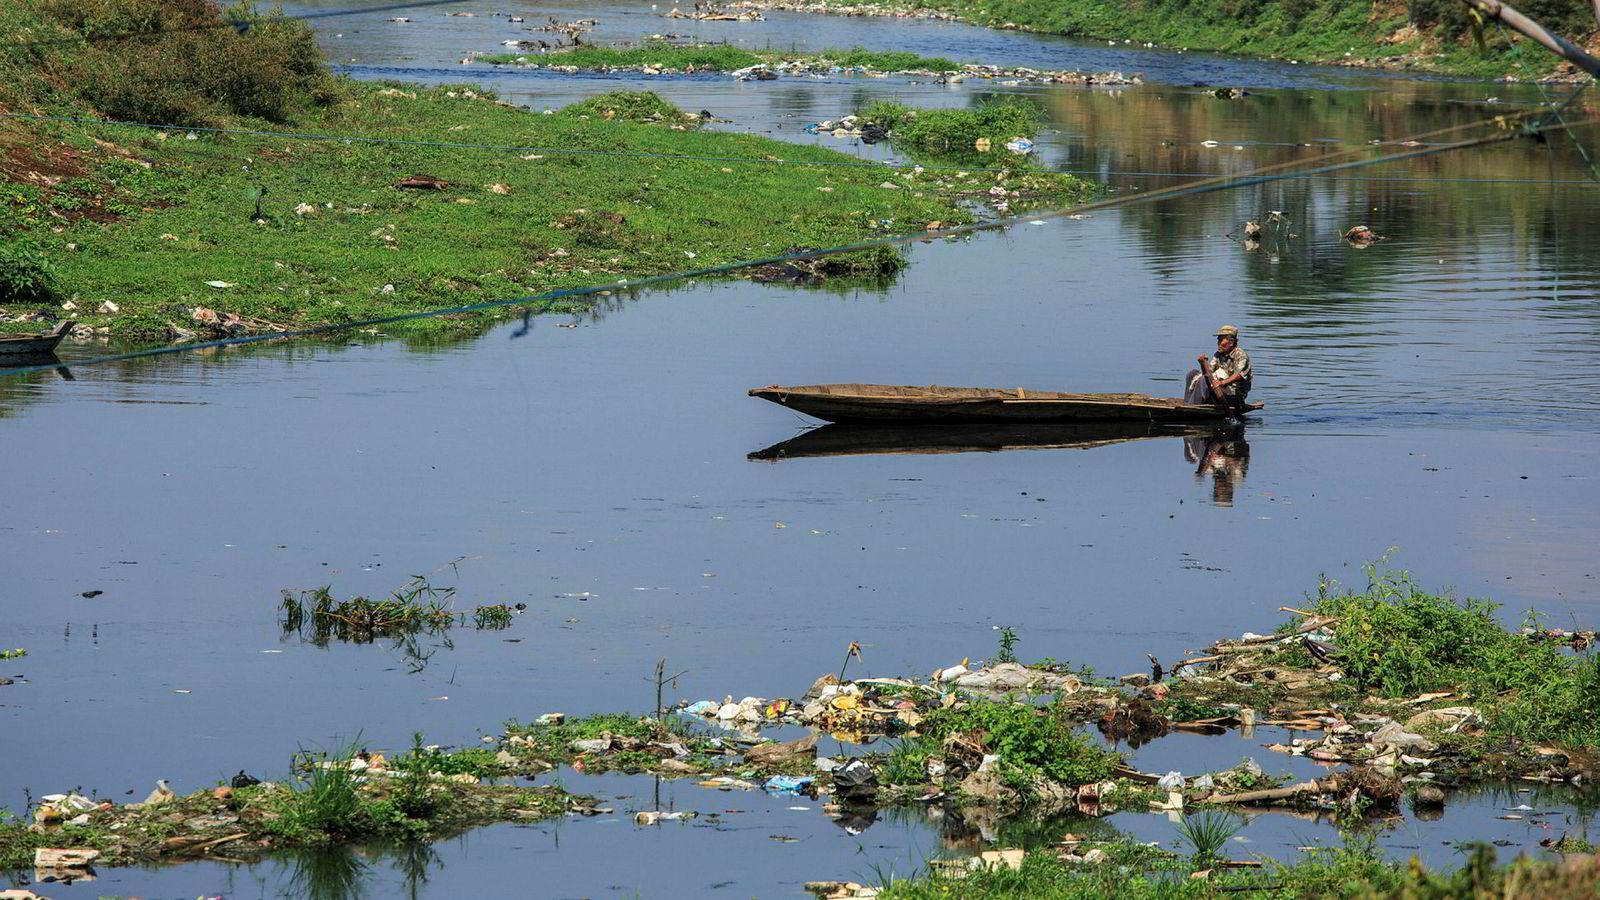 Store mengder søppel skjemmer det som kunne vært idylliske omgivelser for mannen i båten på Citarum-elven utenfor Bandung.